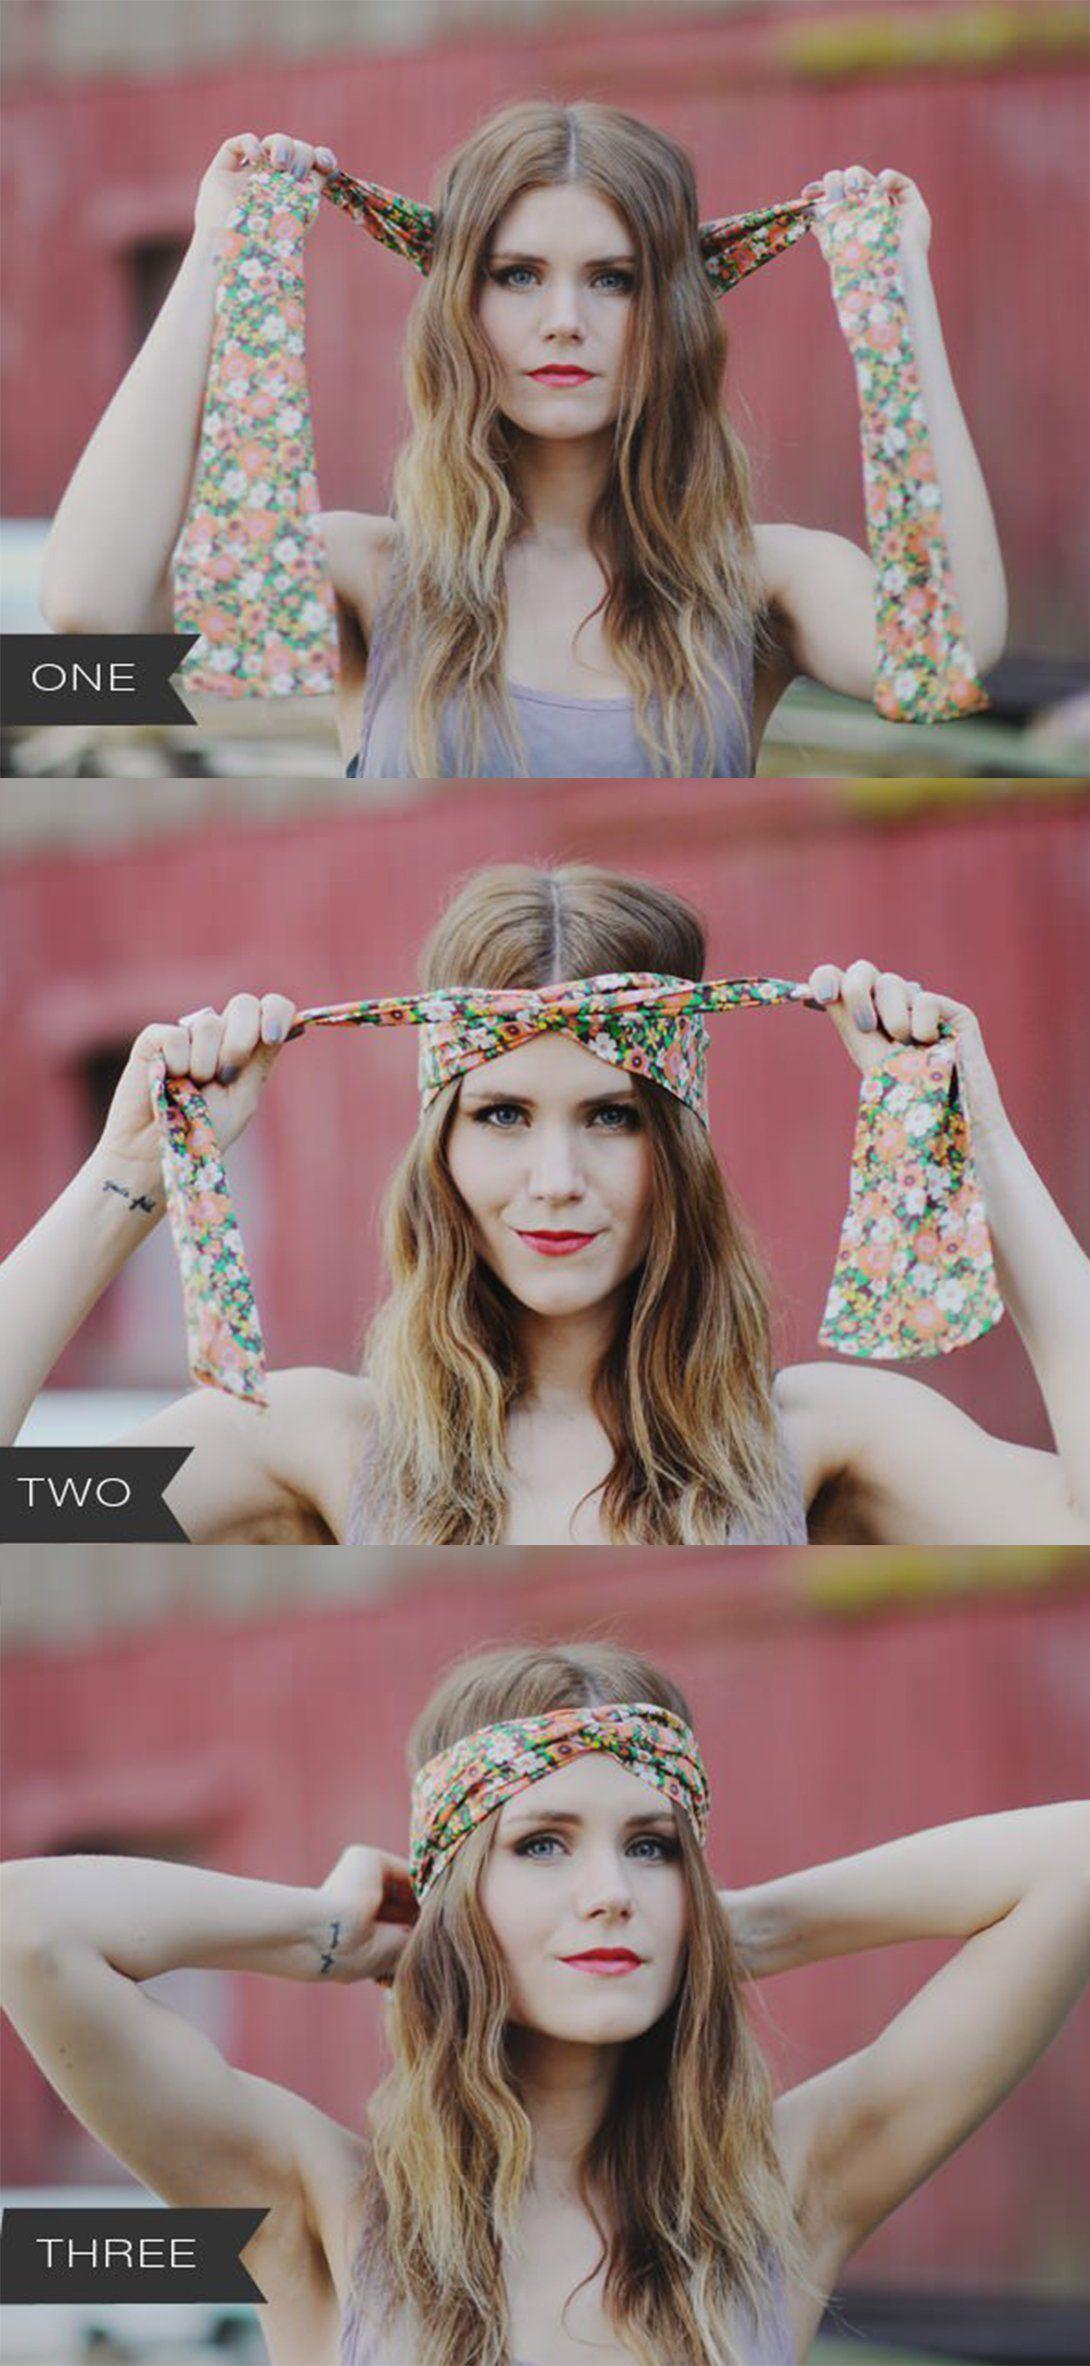 Chica Mostrando Un Tutorial De Como Hacer Un Peinado Con Pañuelos Peinados Para La Playa Peinados Pañuelo En El Pelo